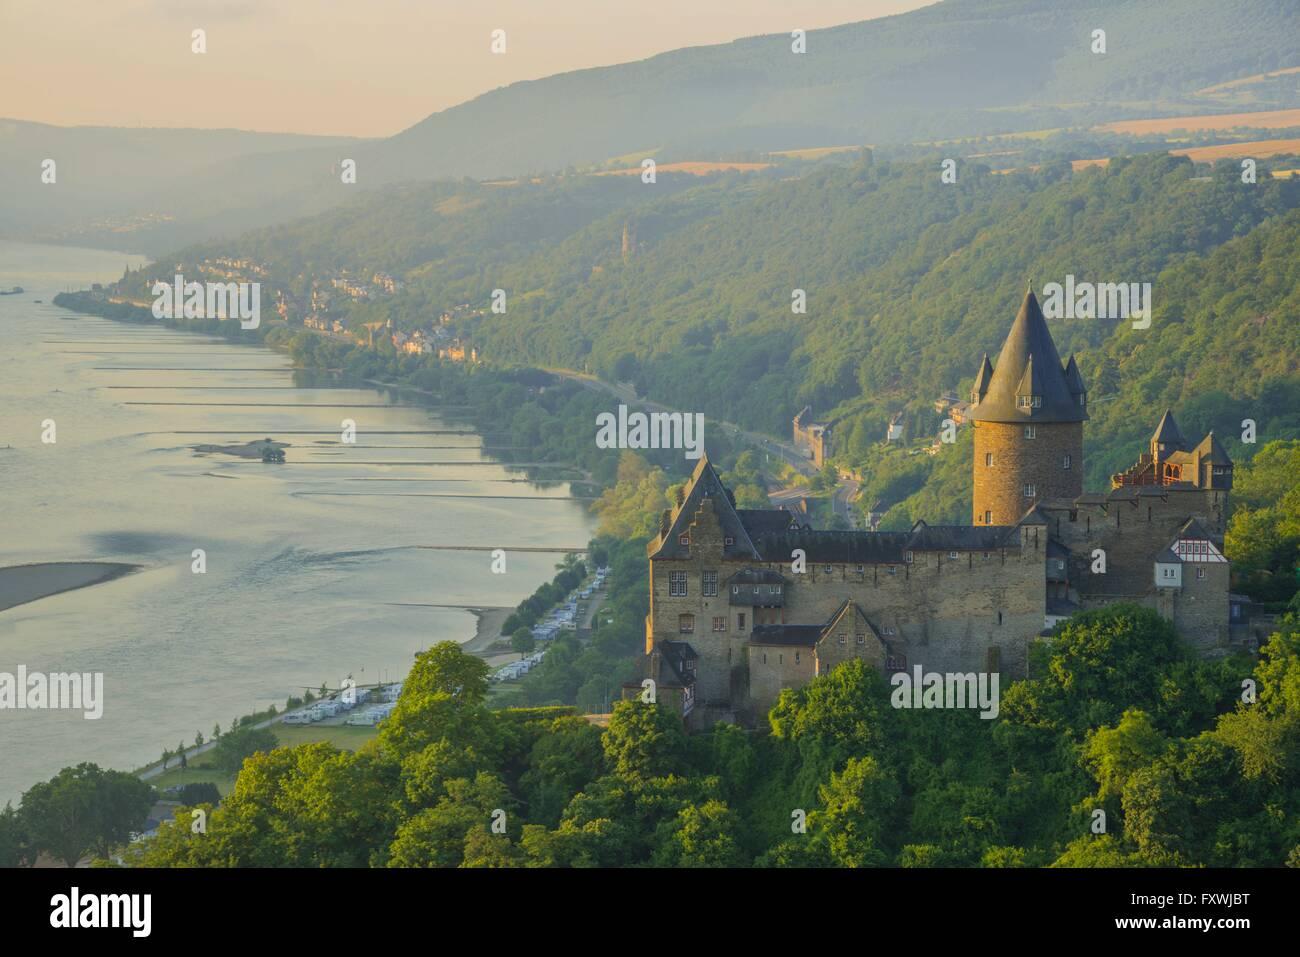 Jugendherberge Burg Stahleck, Jugendburg Stahleck, Bacharach am Rhein, UNESCO Welterbe Kulturlandschaft Oberes Mittelrheintal, Stock Photo